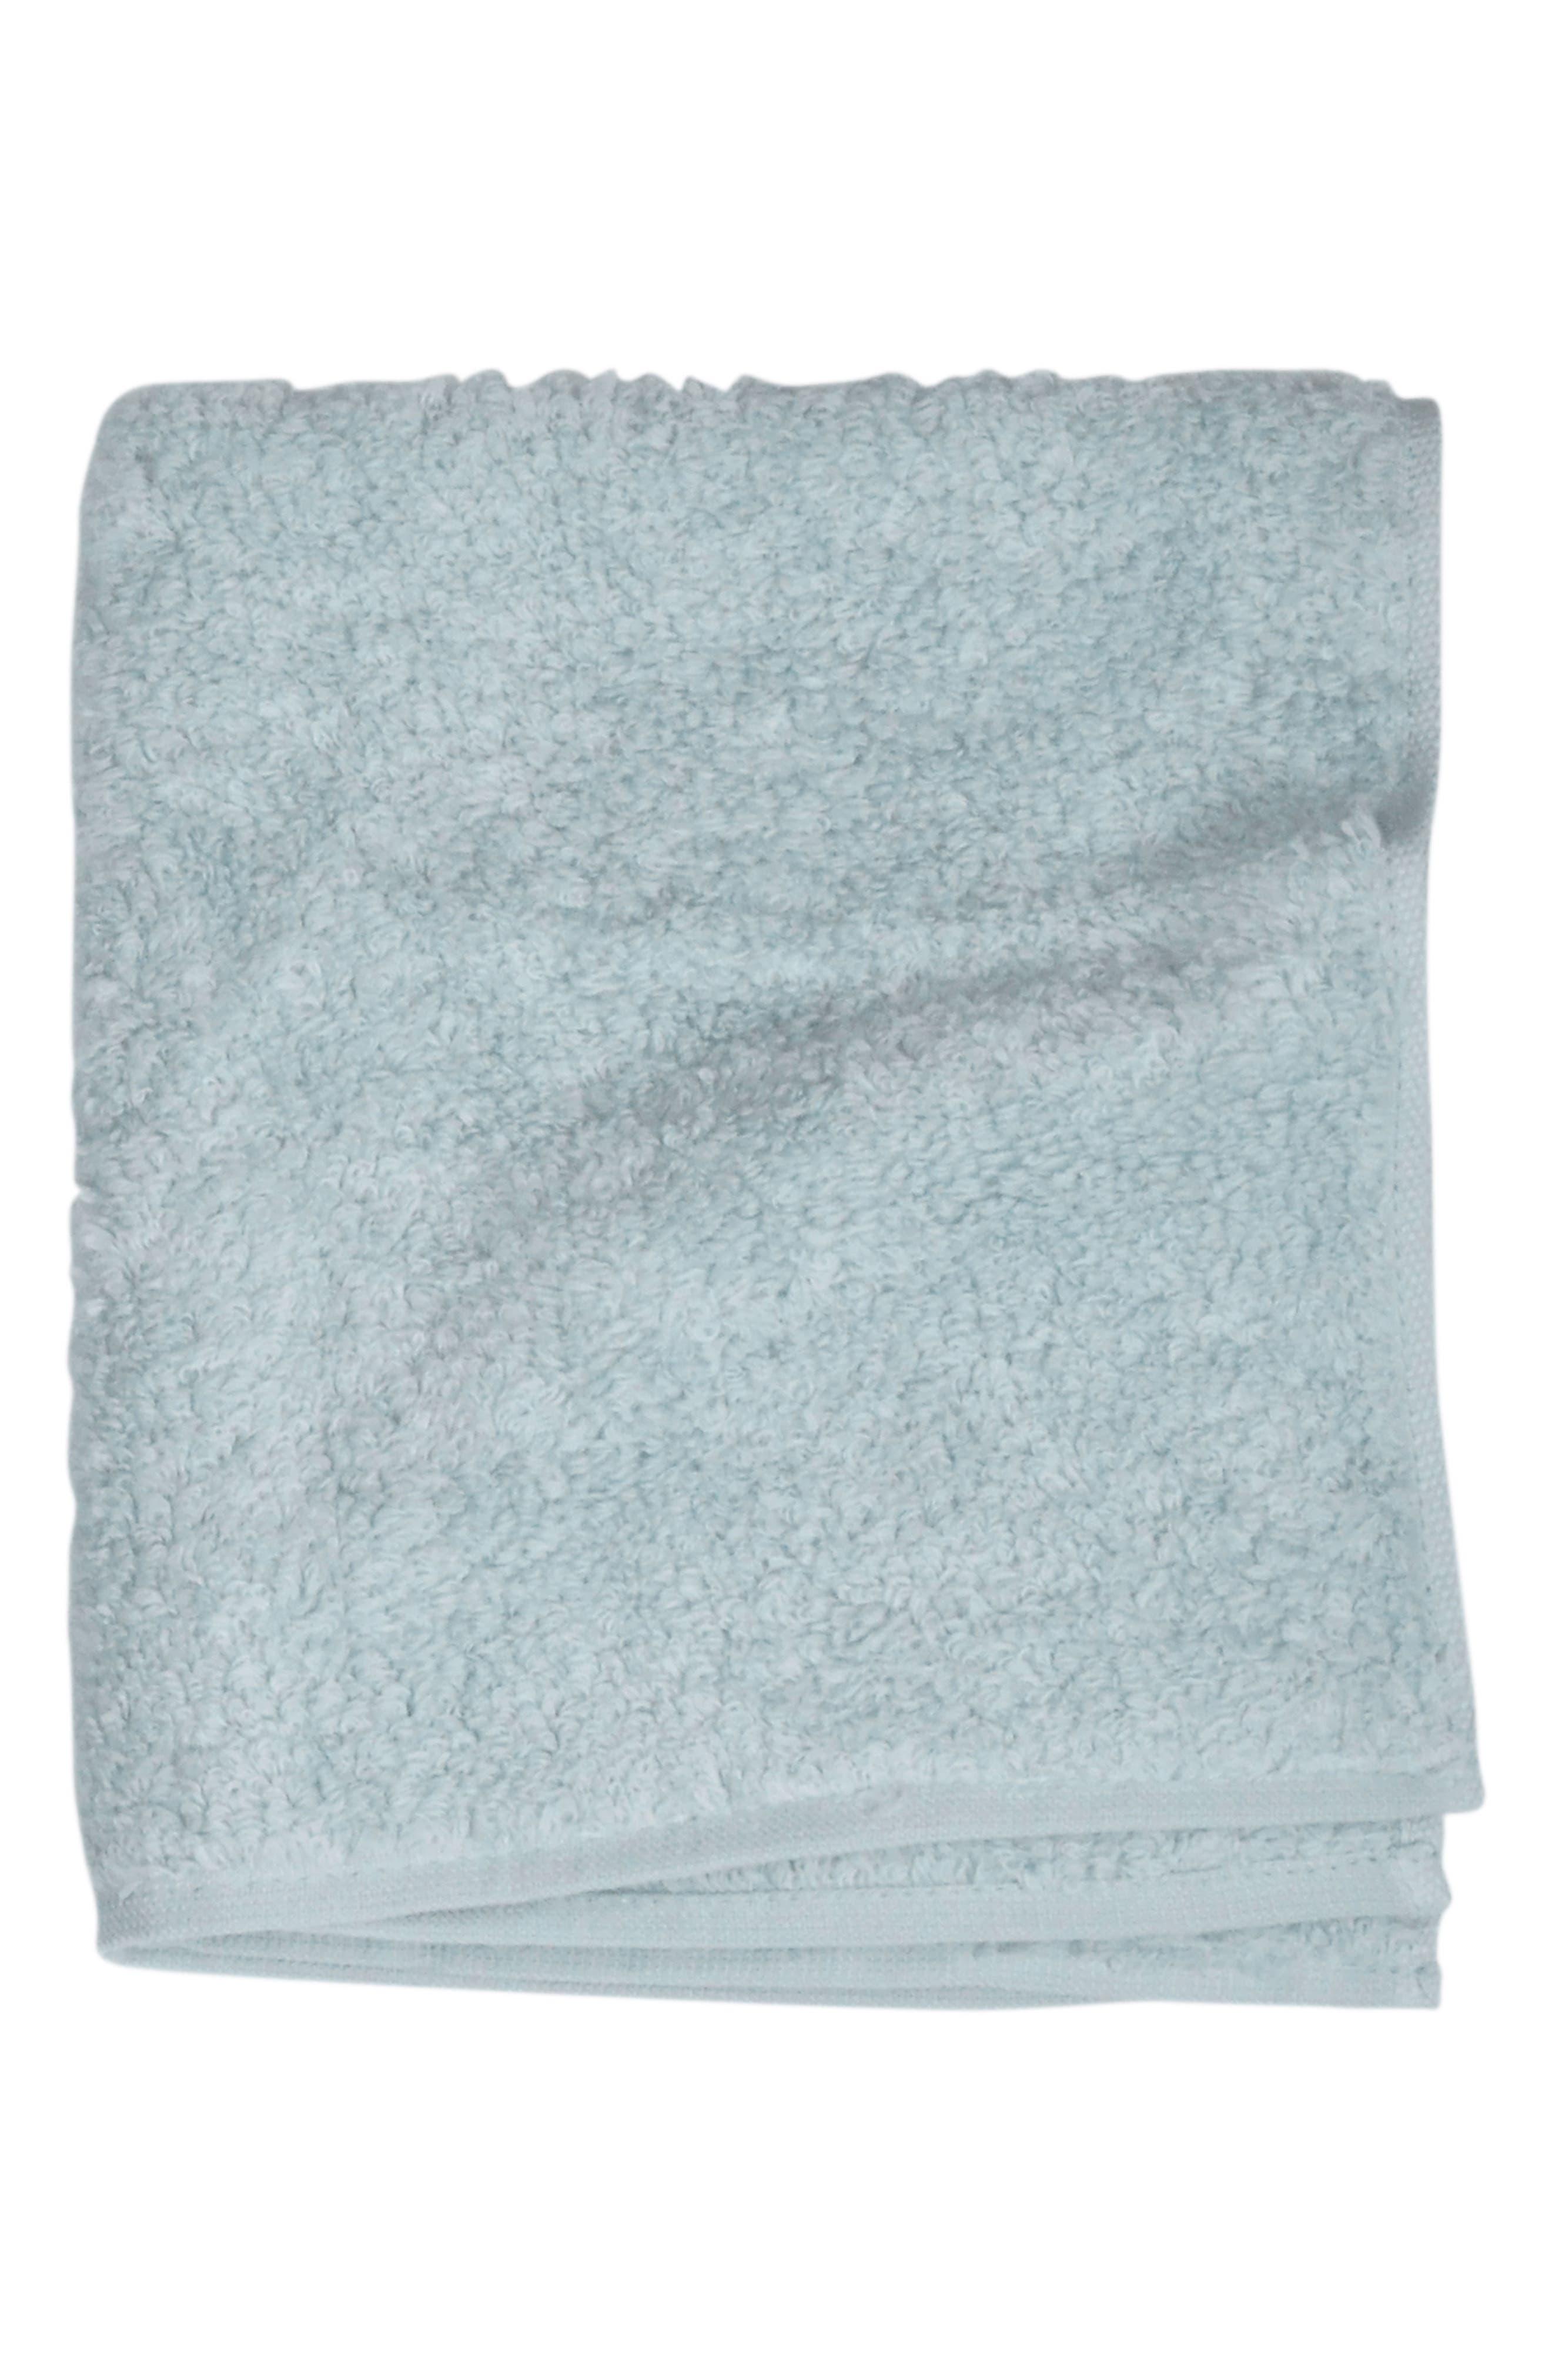 Main Image - Uchino Zero Twist Washcloth